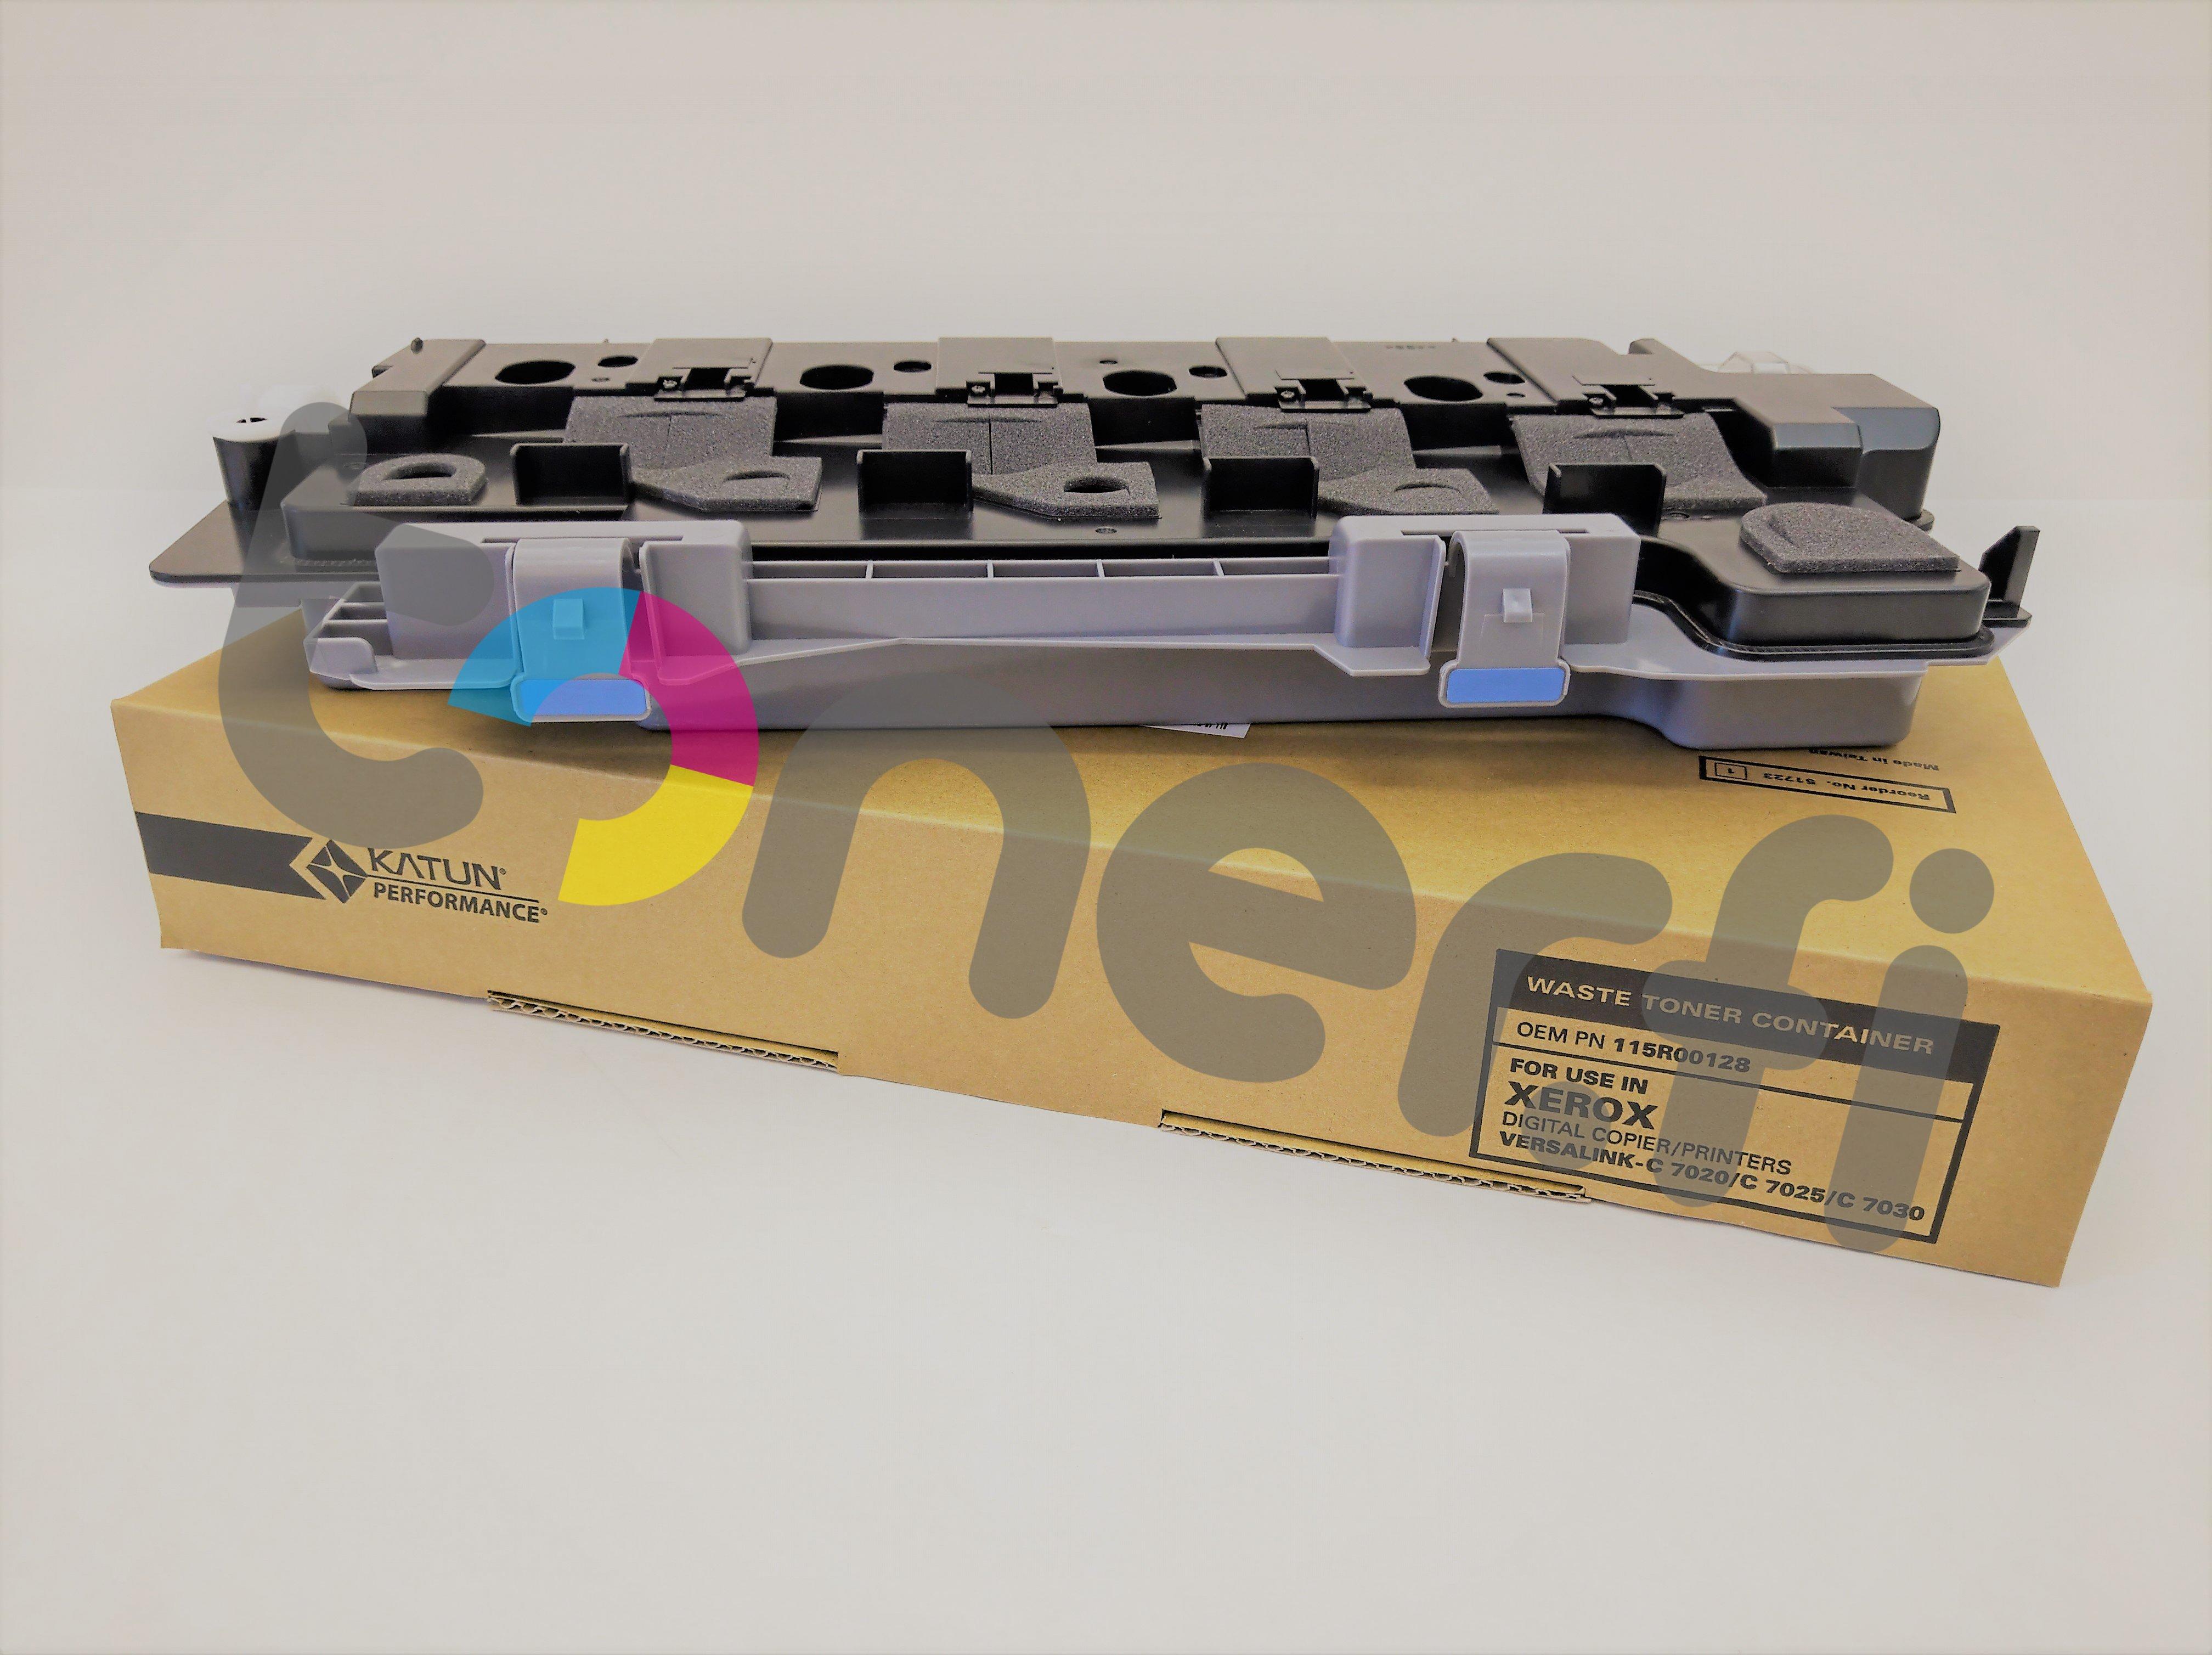 Xerox VersaLink C7020 Hukkavärisäiliö Katun